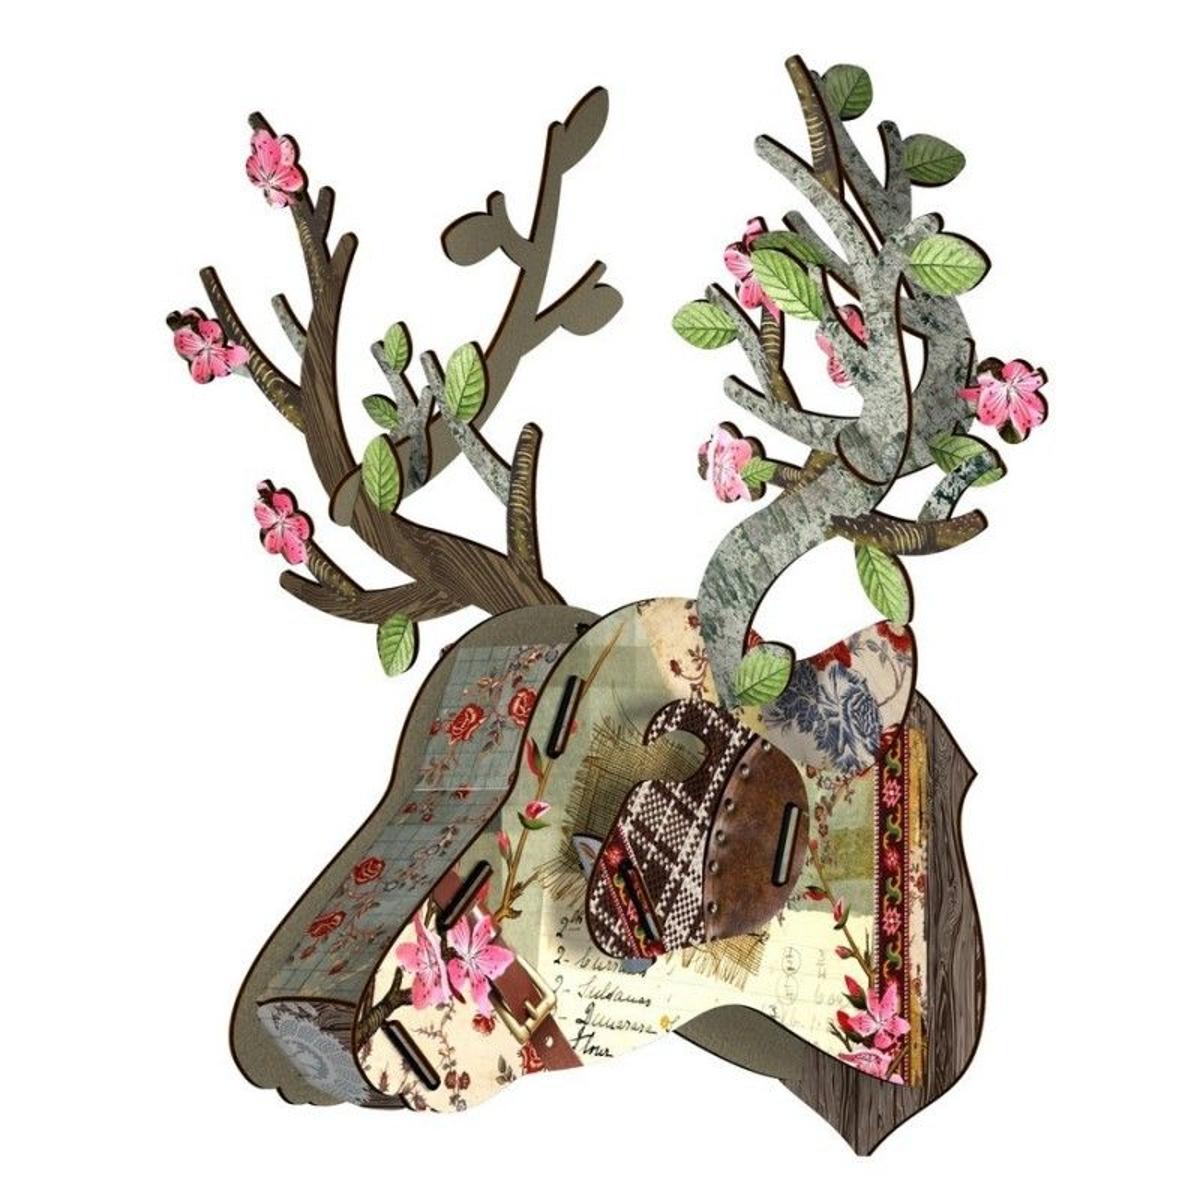 Trophée décoratif mural miniature Bonsai